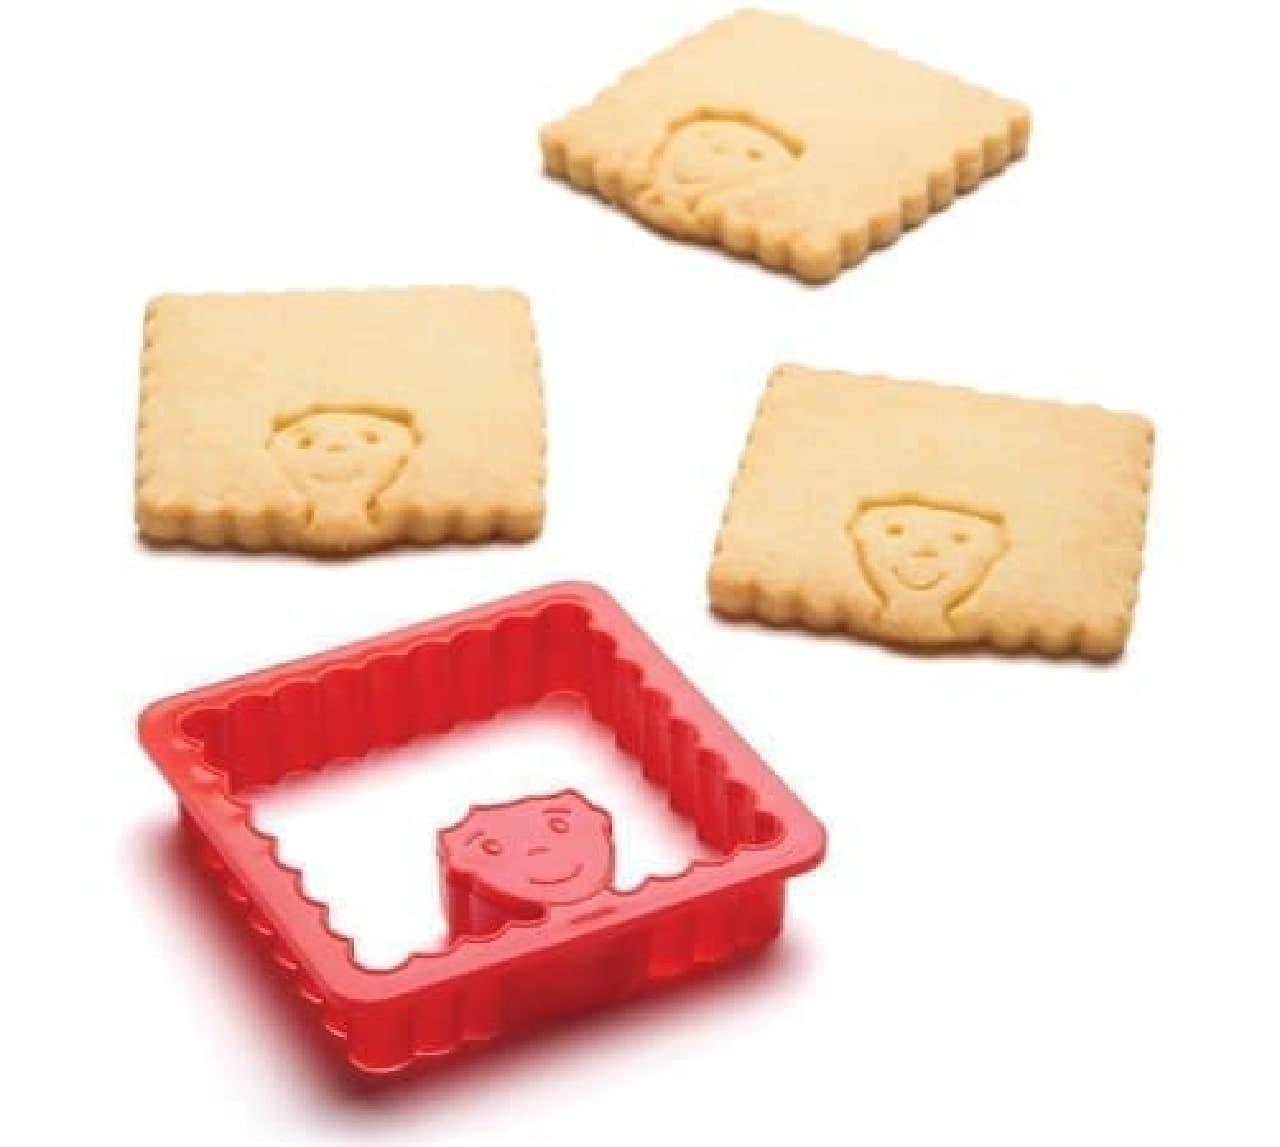 作るのも食べるのも楽しいクッキー型